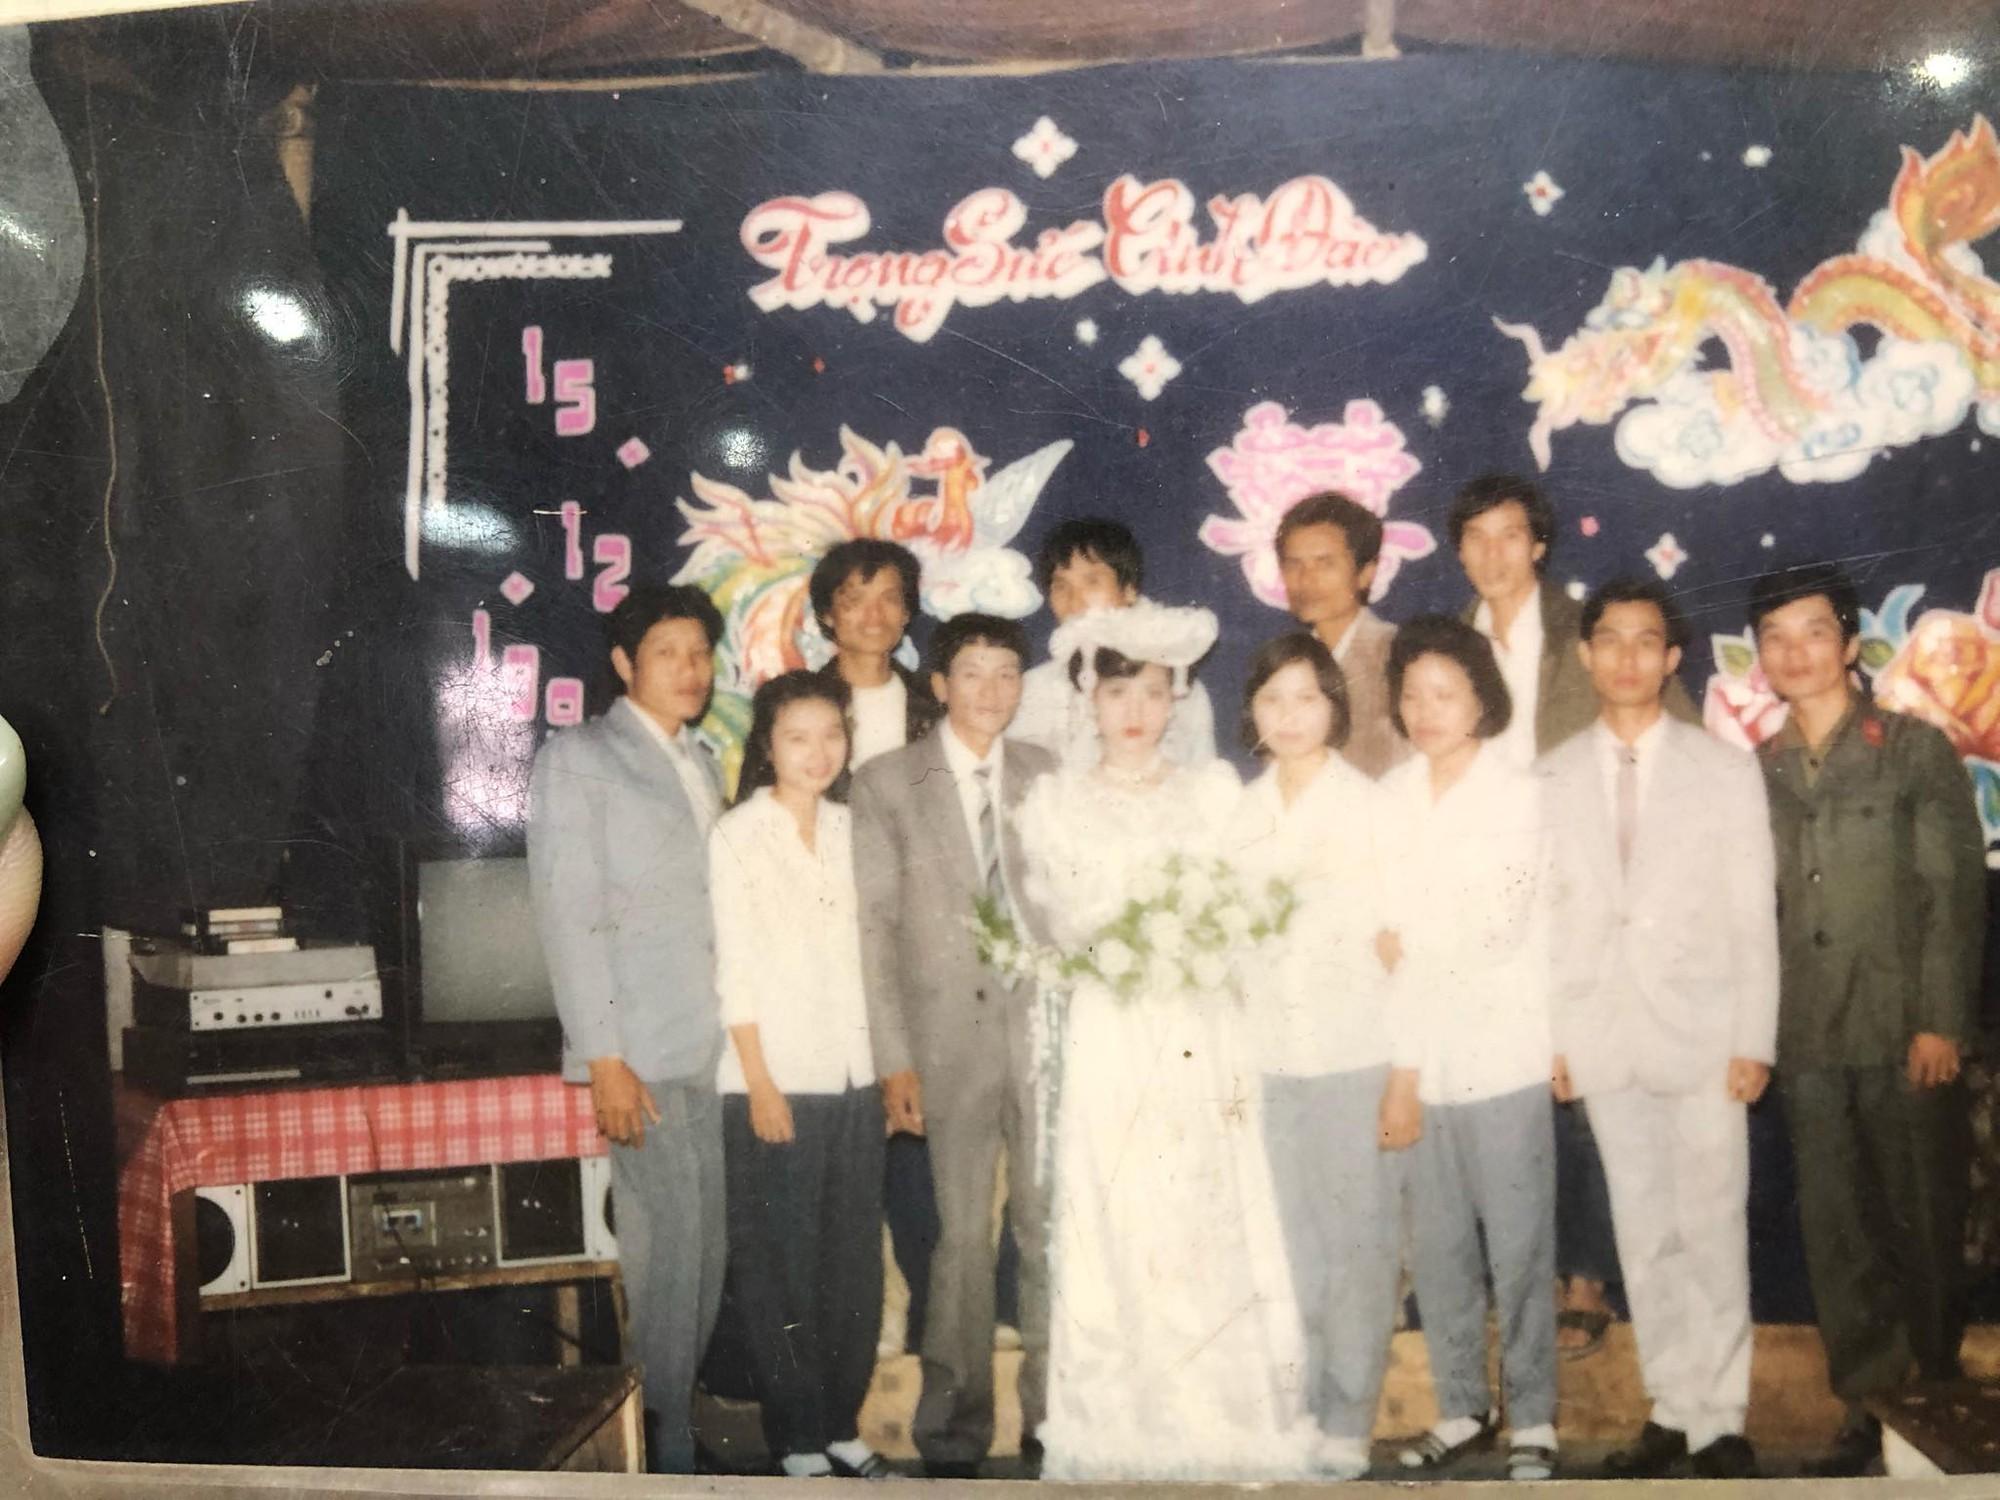 Chuyện tình bất ngờ của cô 'Hoa khôi' Hải Dương đẹp nức tiếng và tấm ảnh cưới 29 năm trước cũng chứa đựng cả câu chuyện dài 2